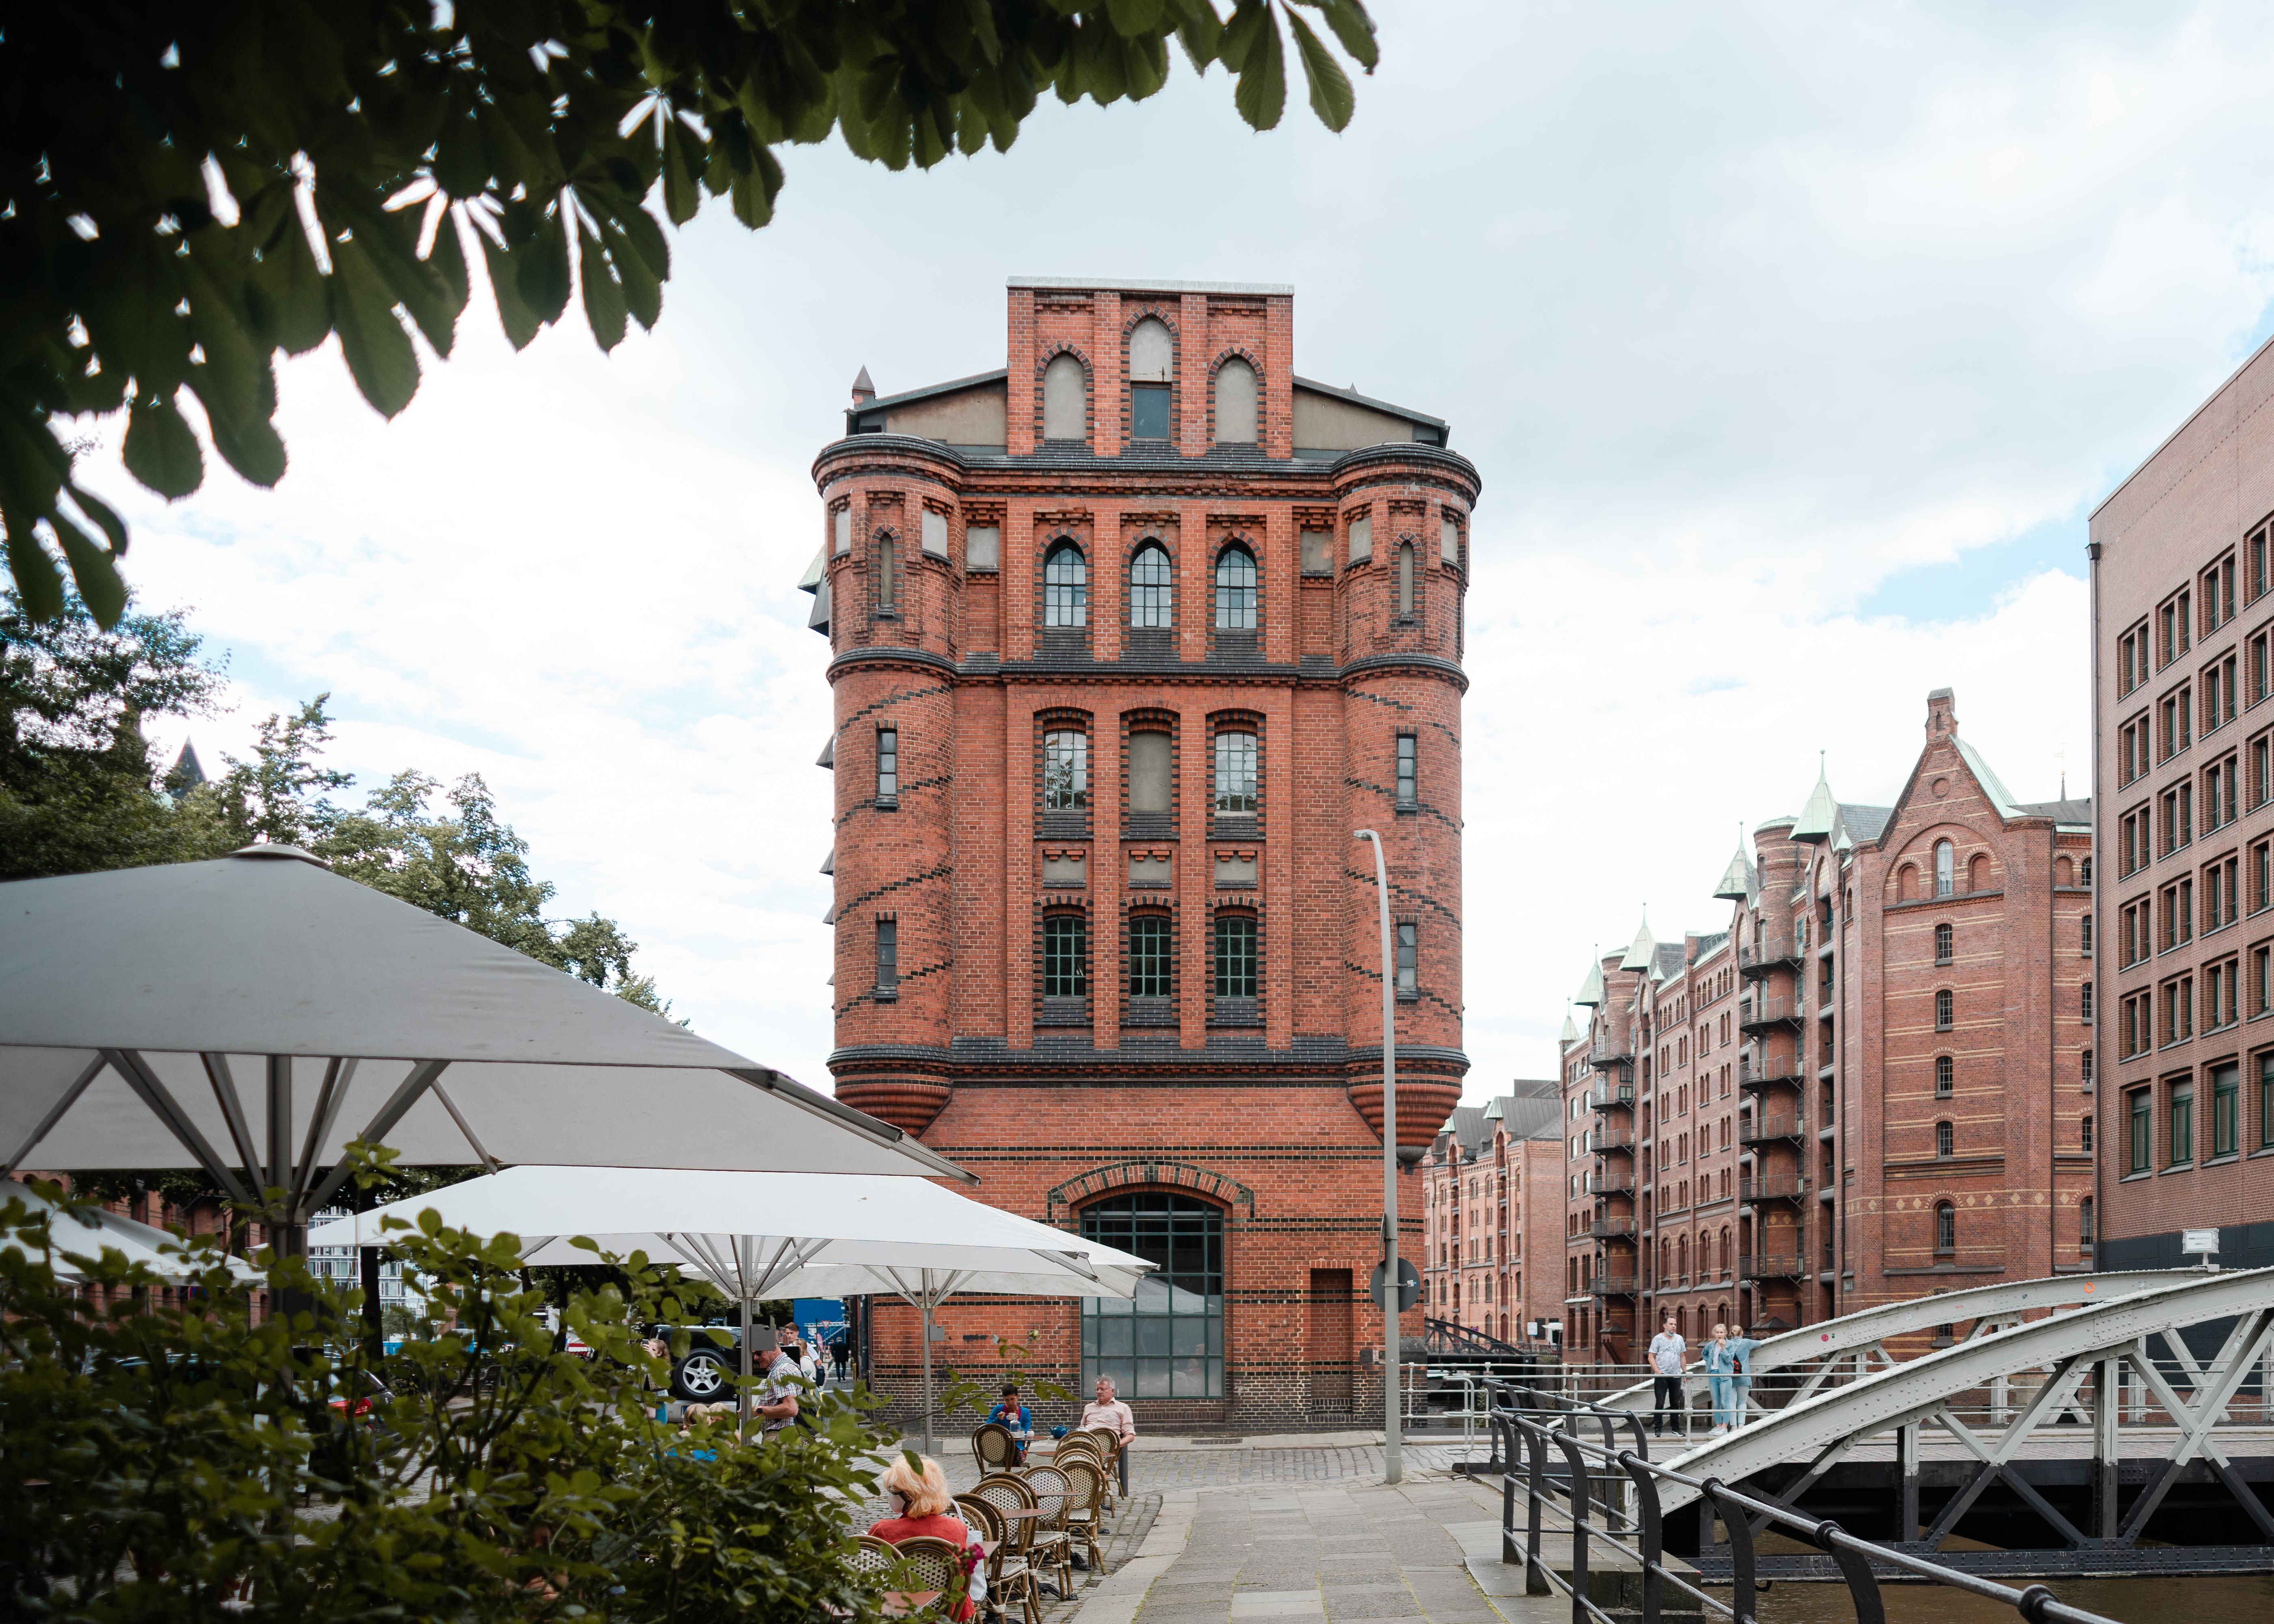 Das rimpf Architekturbüro in der schönen Hamburger Speicherstadt